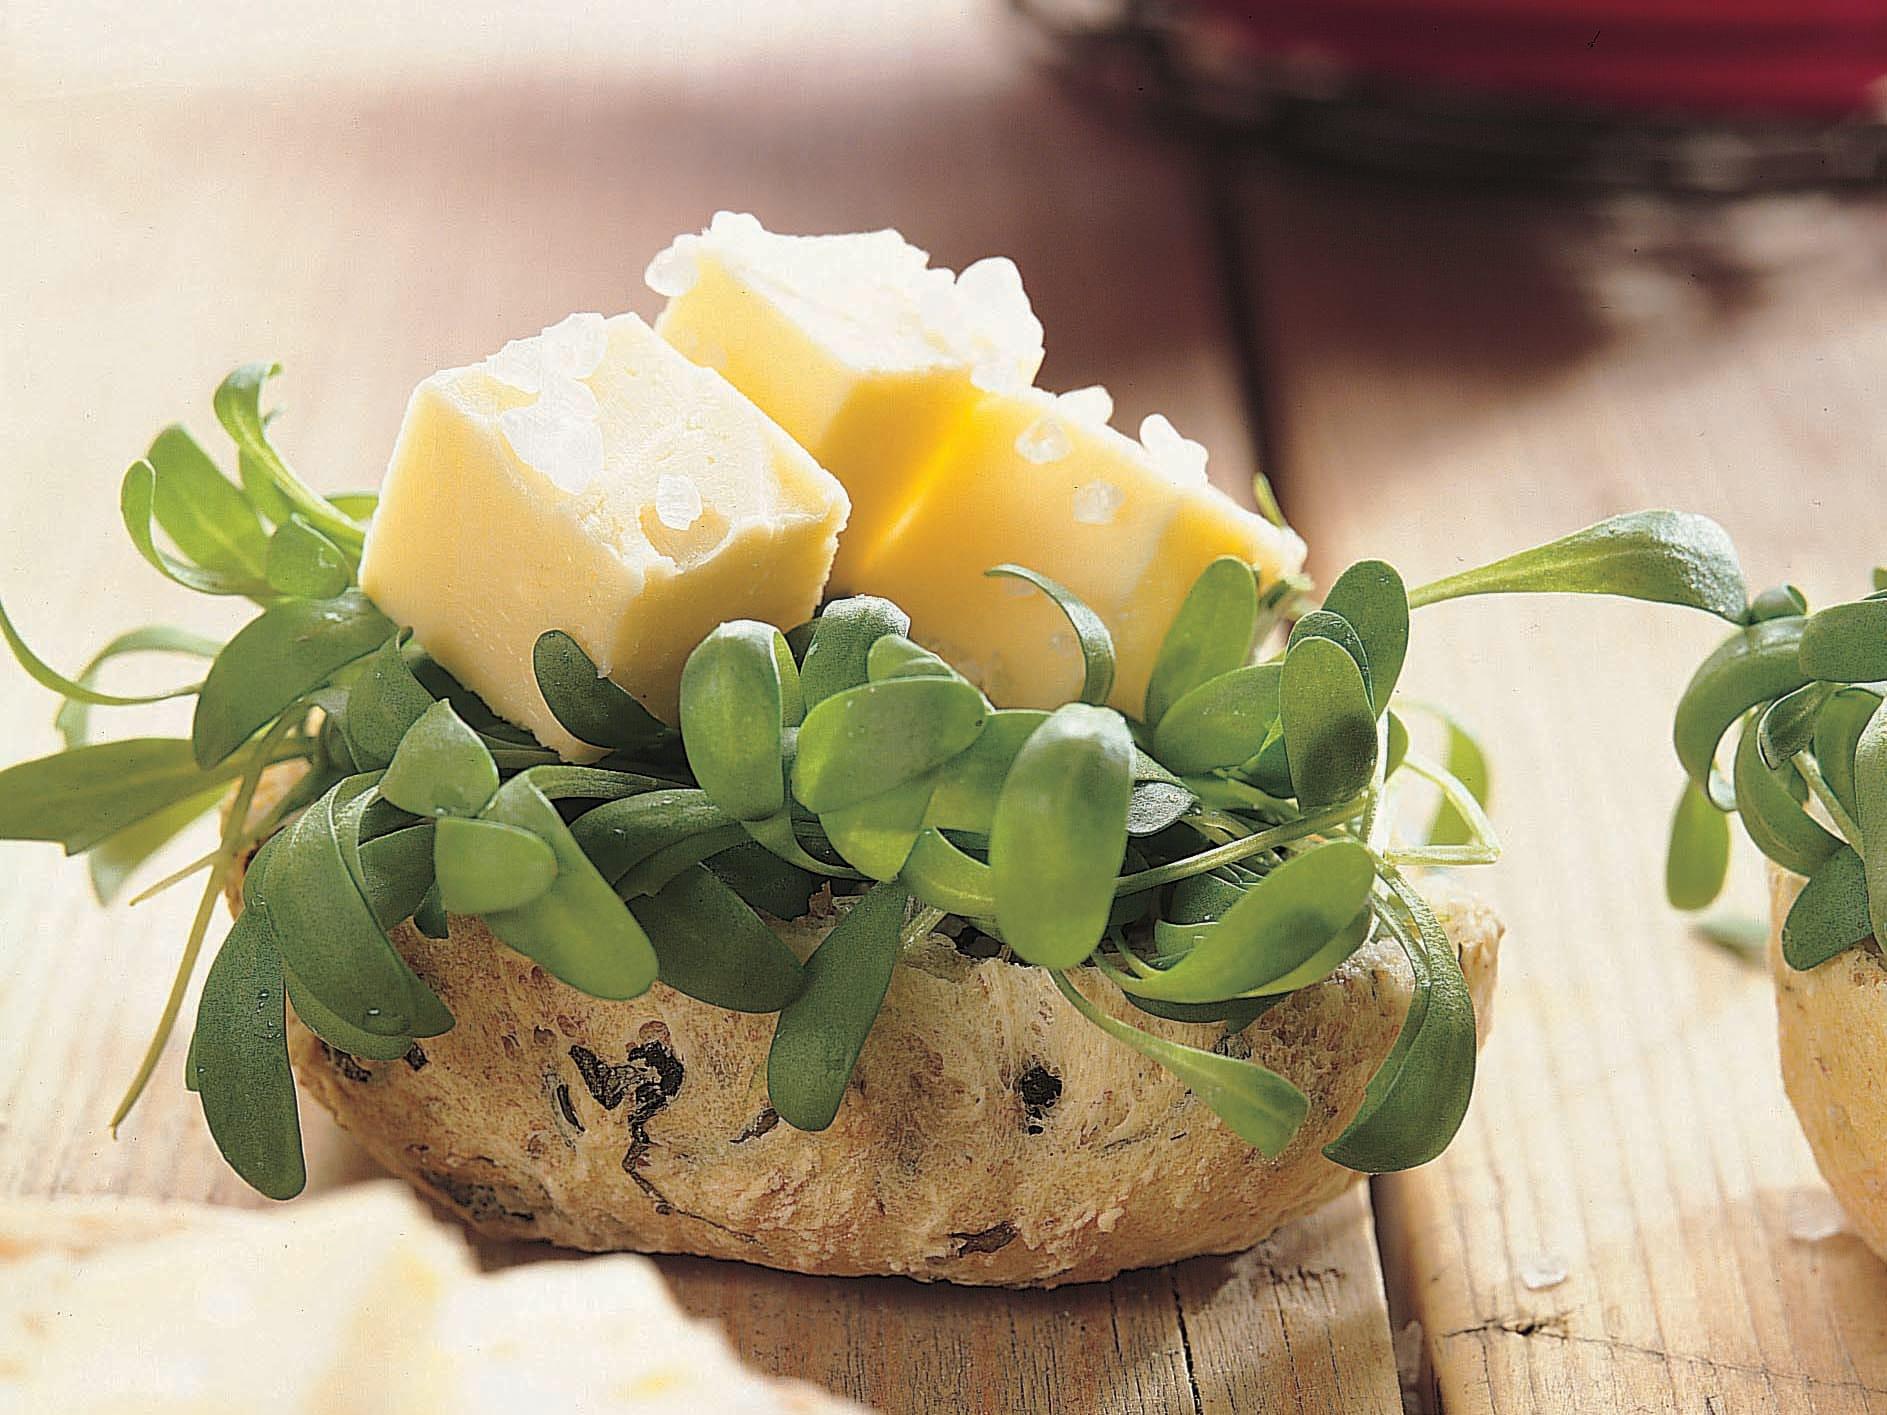 Hüttenkäse-Brötchen mit Meersalz-Butter und Kresse